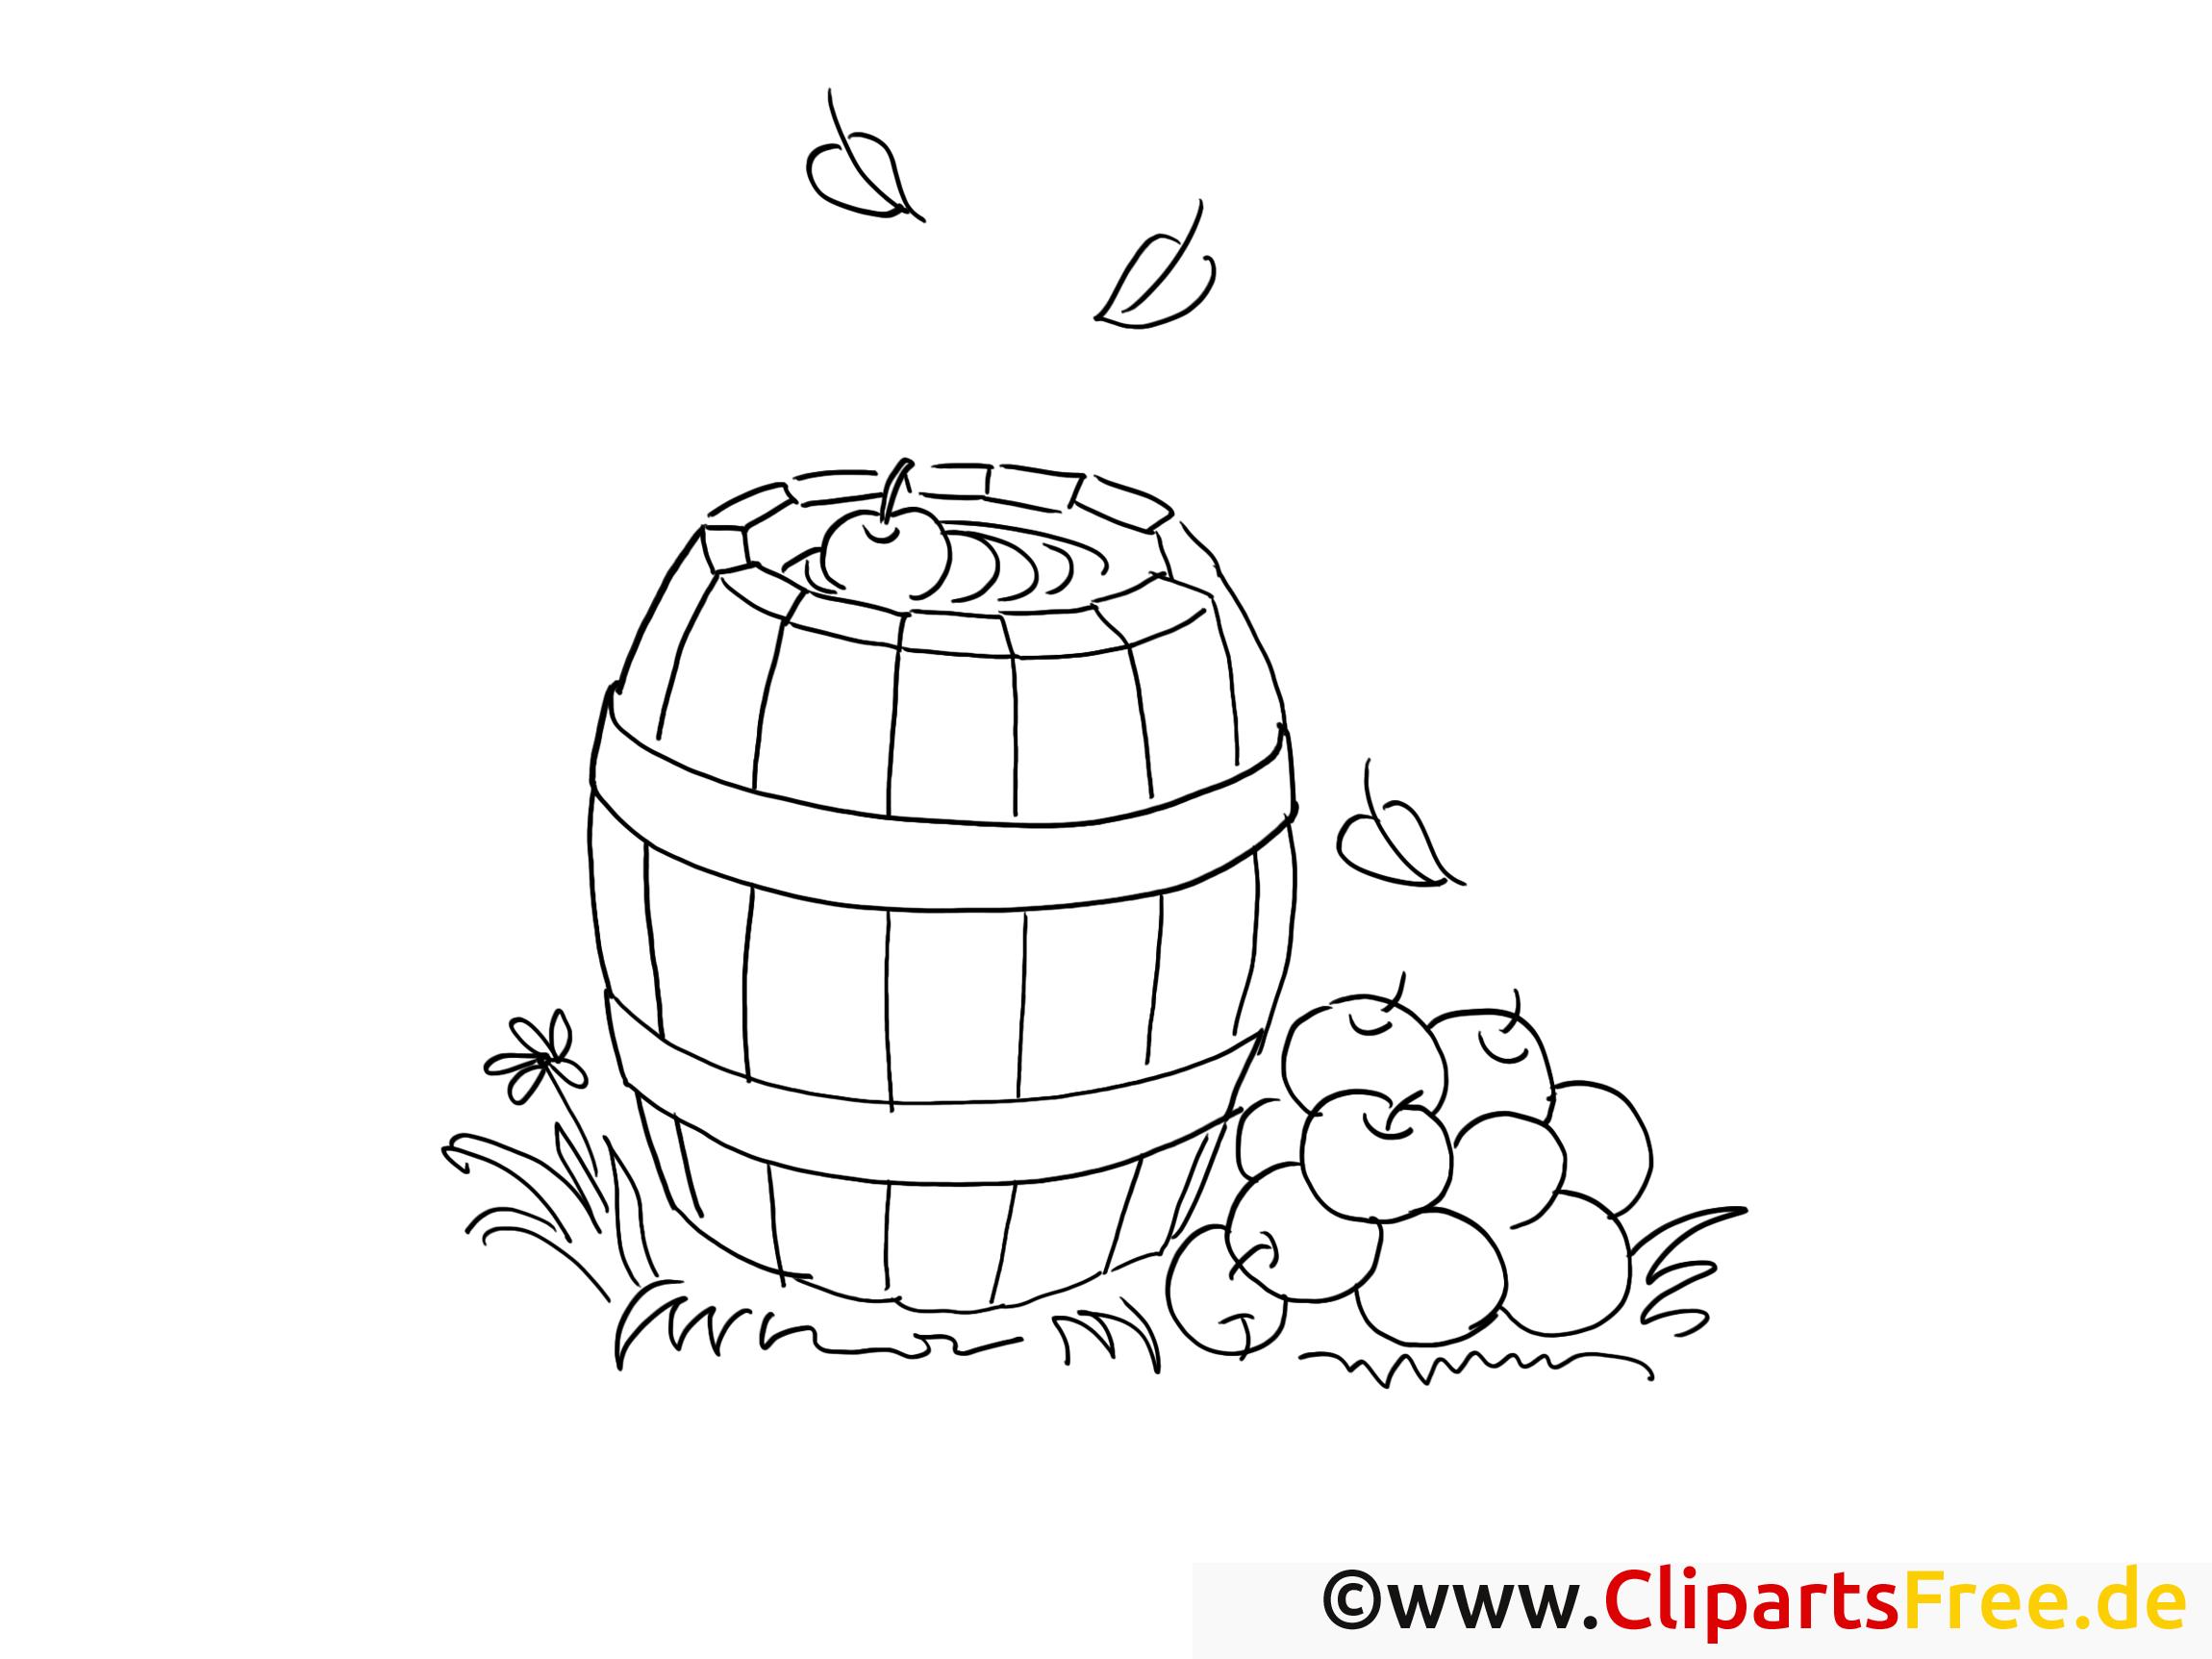 Kostenlose Ausmalvorlage Bauernhof Regentonne und Äpfel